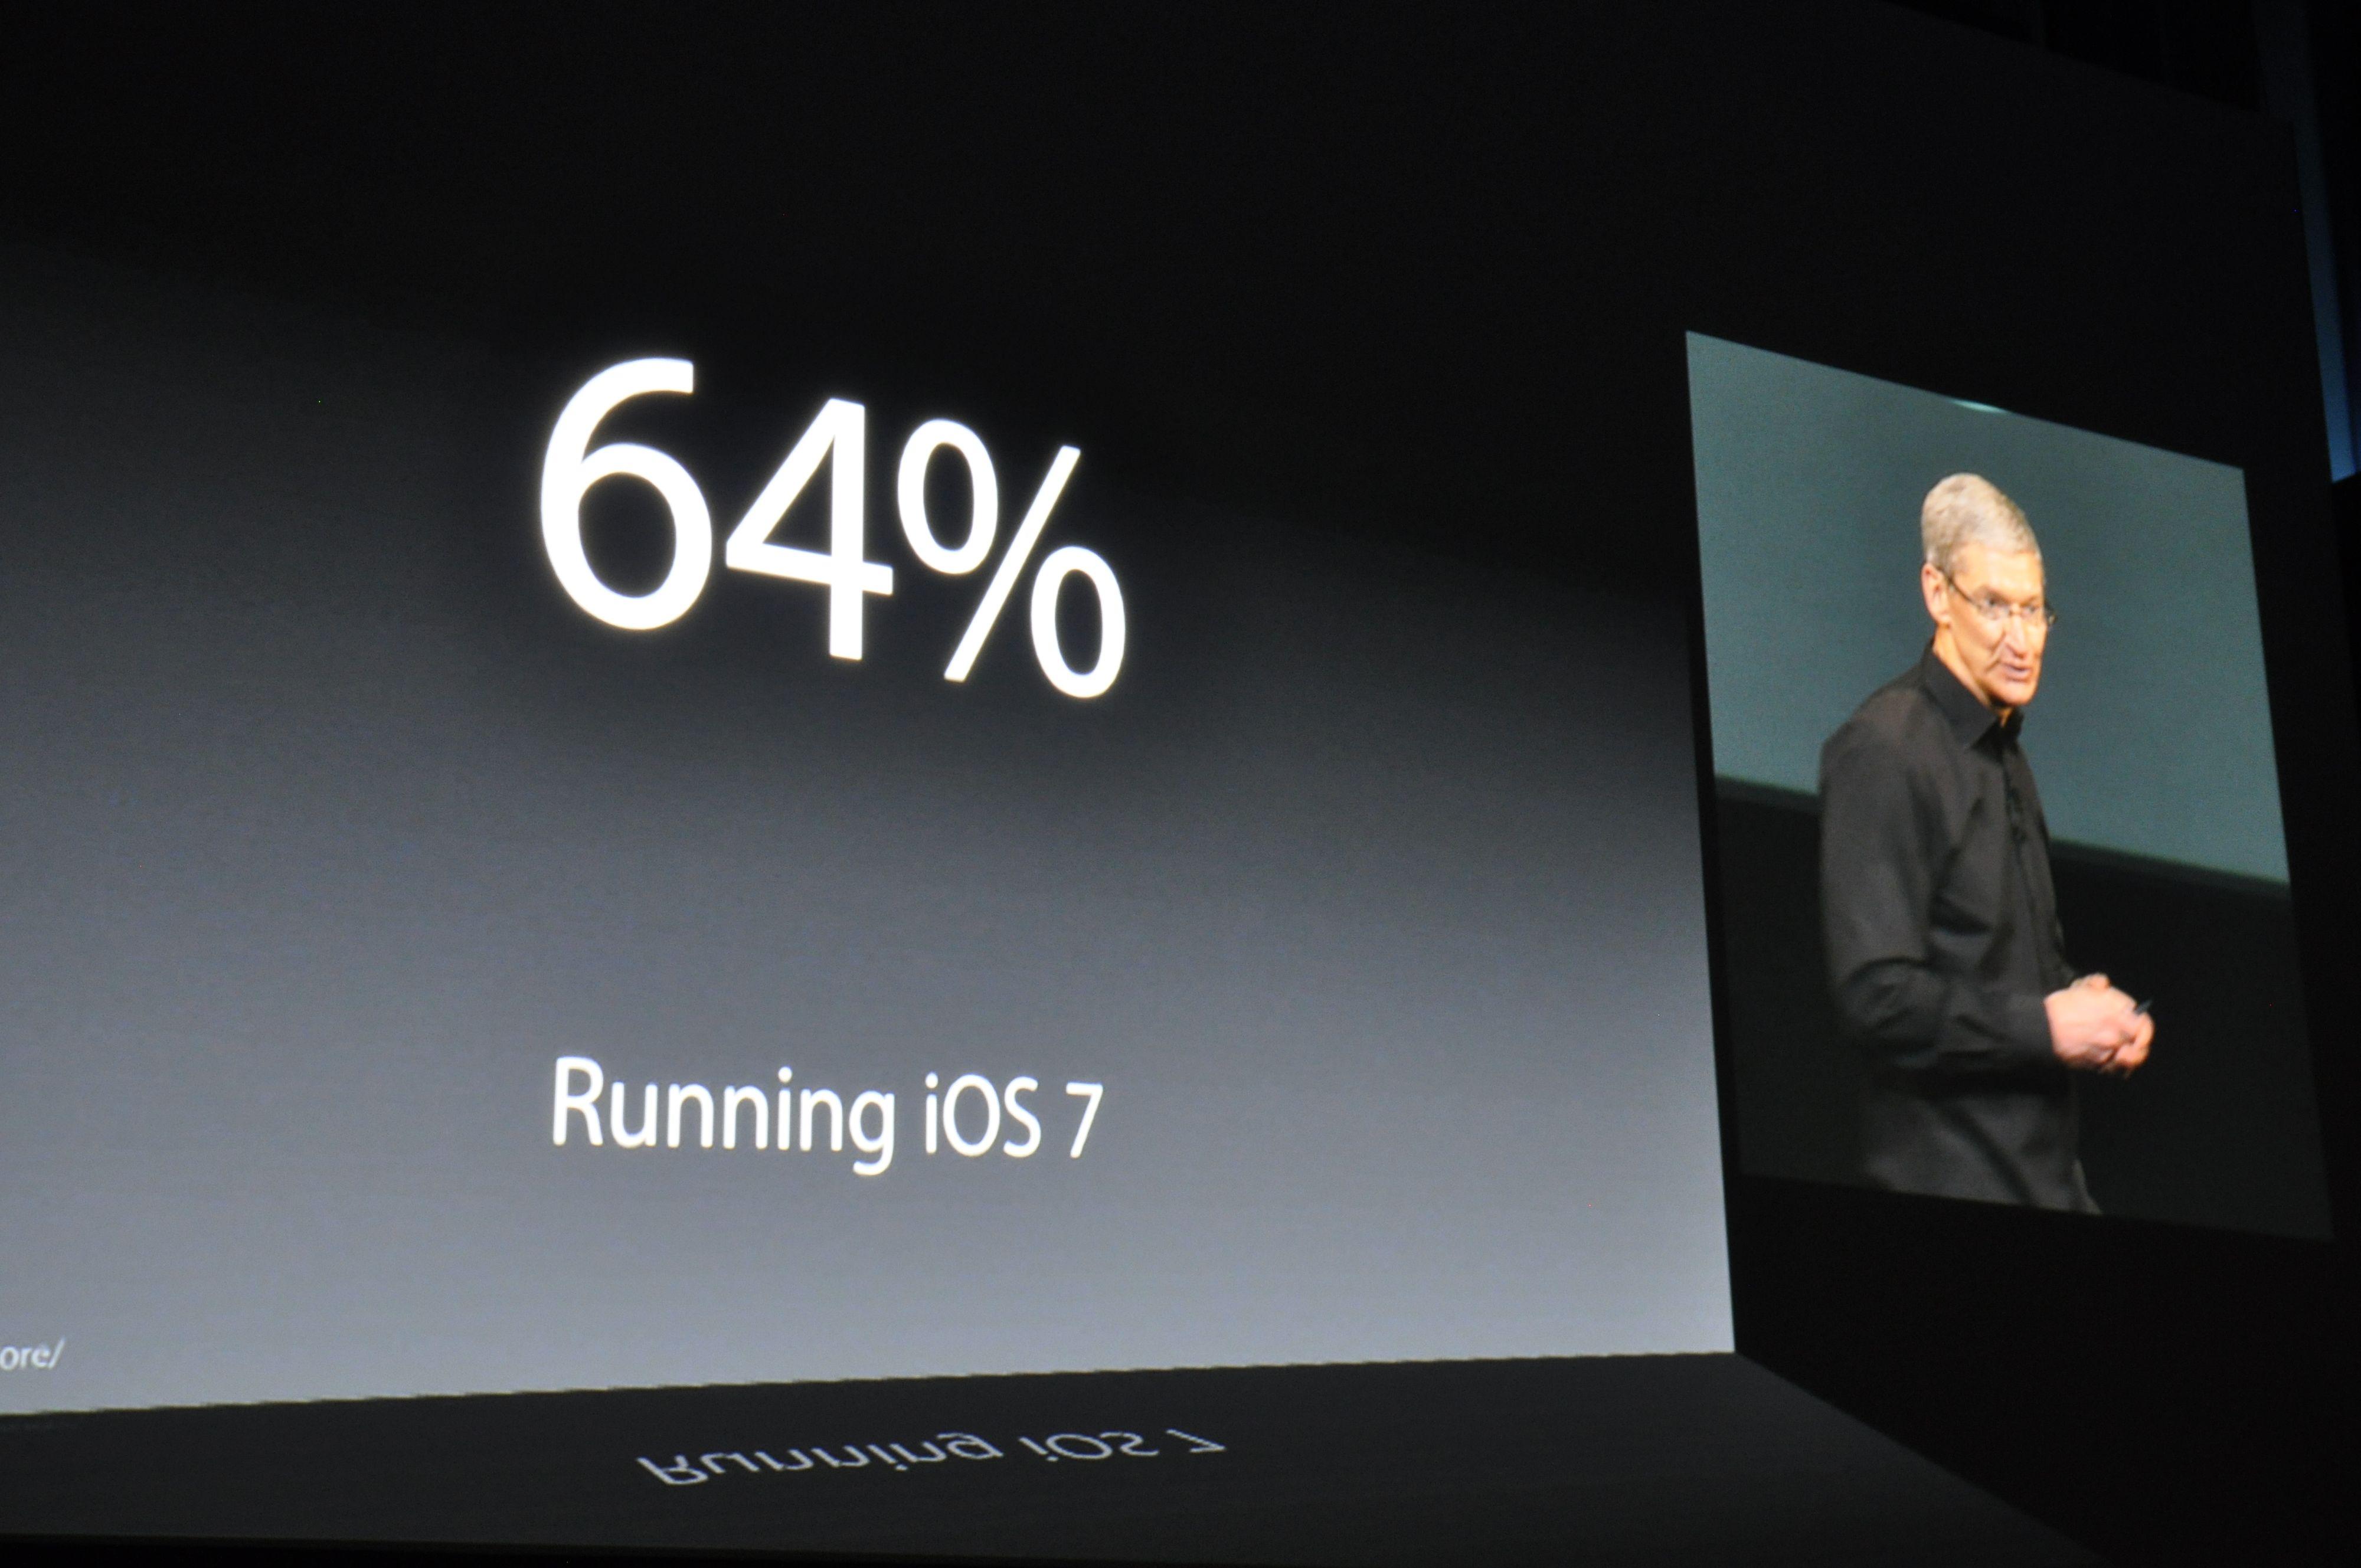 Hele 64 prosent av iOS-brukerne har oppgradert til nyeste versjon. Det skal være historiens raskeste oppgradering, ifølge Apple-sjefen. Foto: Finn Jarle Kvalheim, Amobil.no